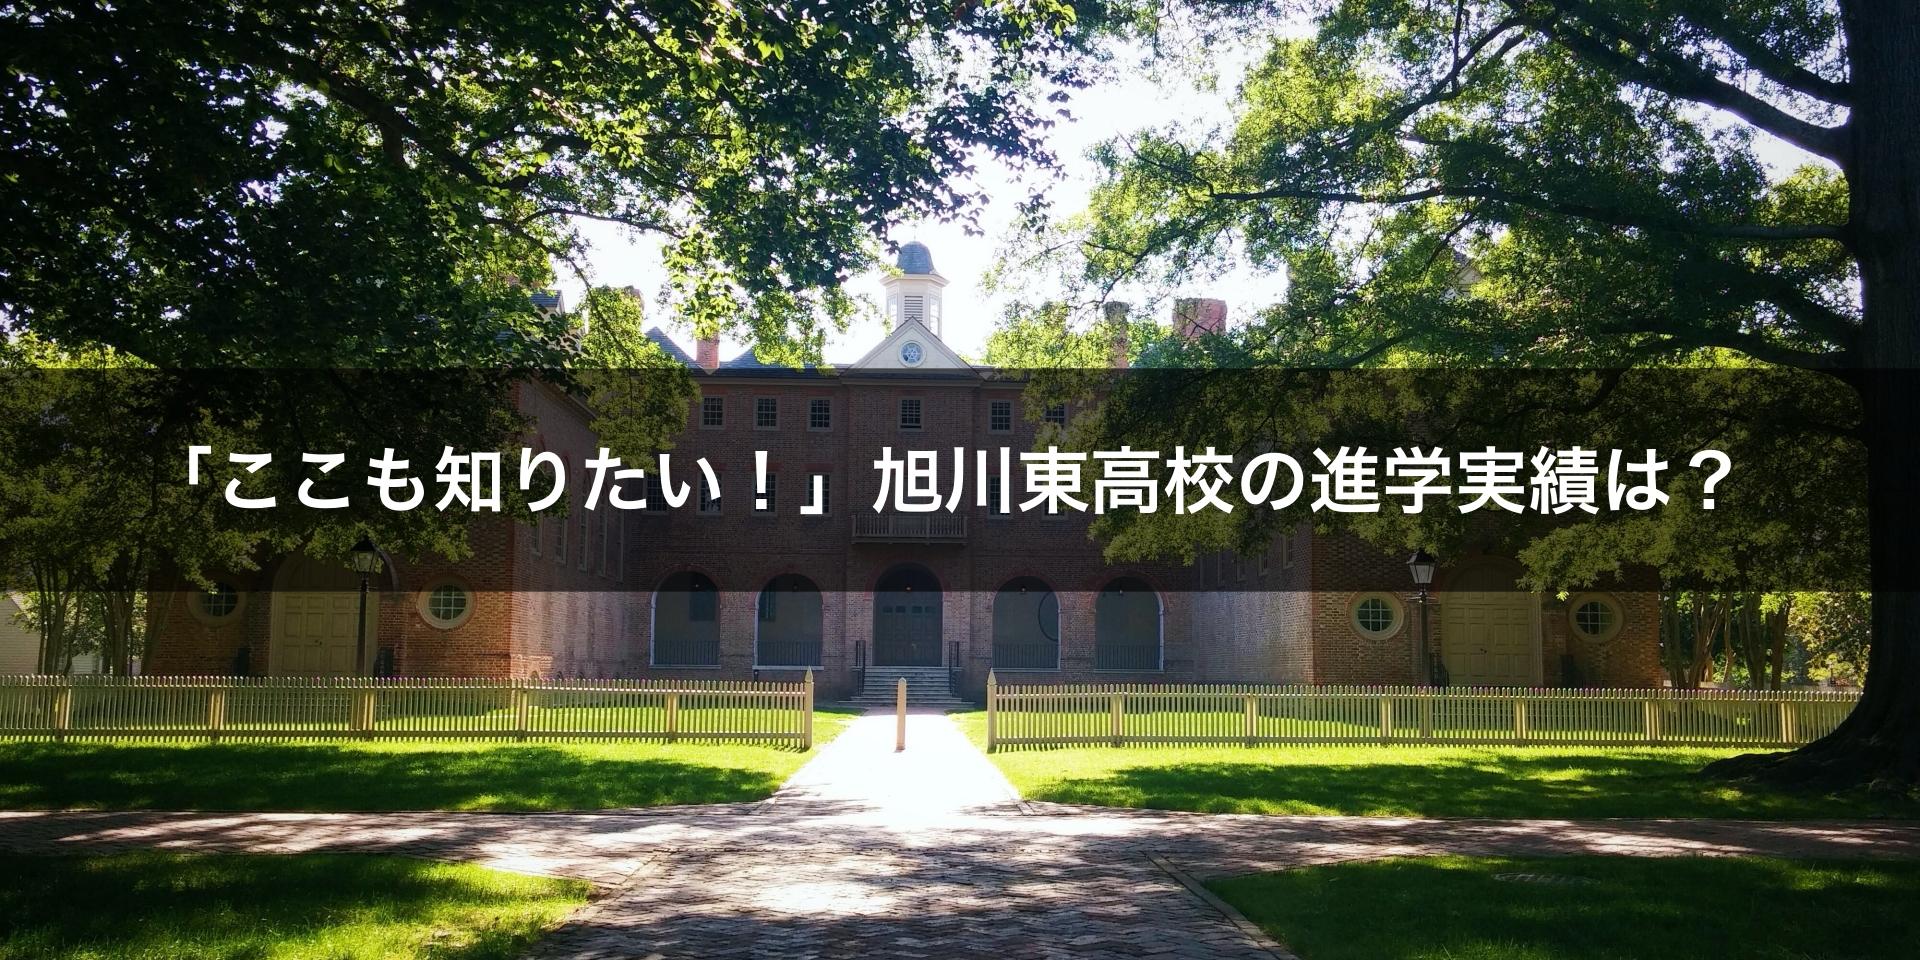 「ここも知りたい!」旭川東高校の進学実績は?